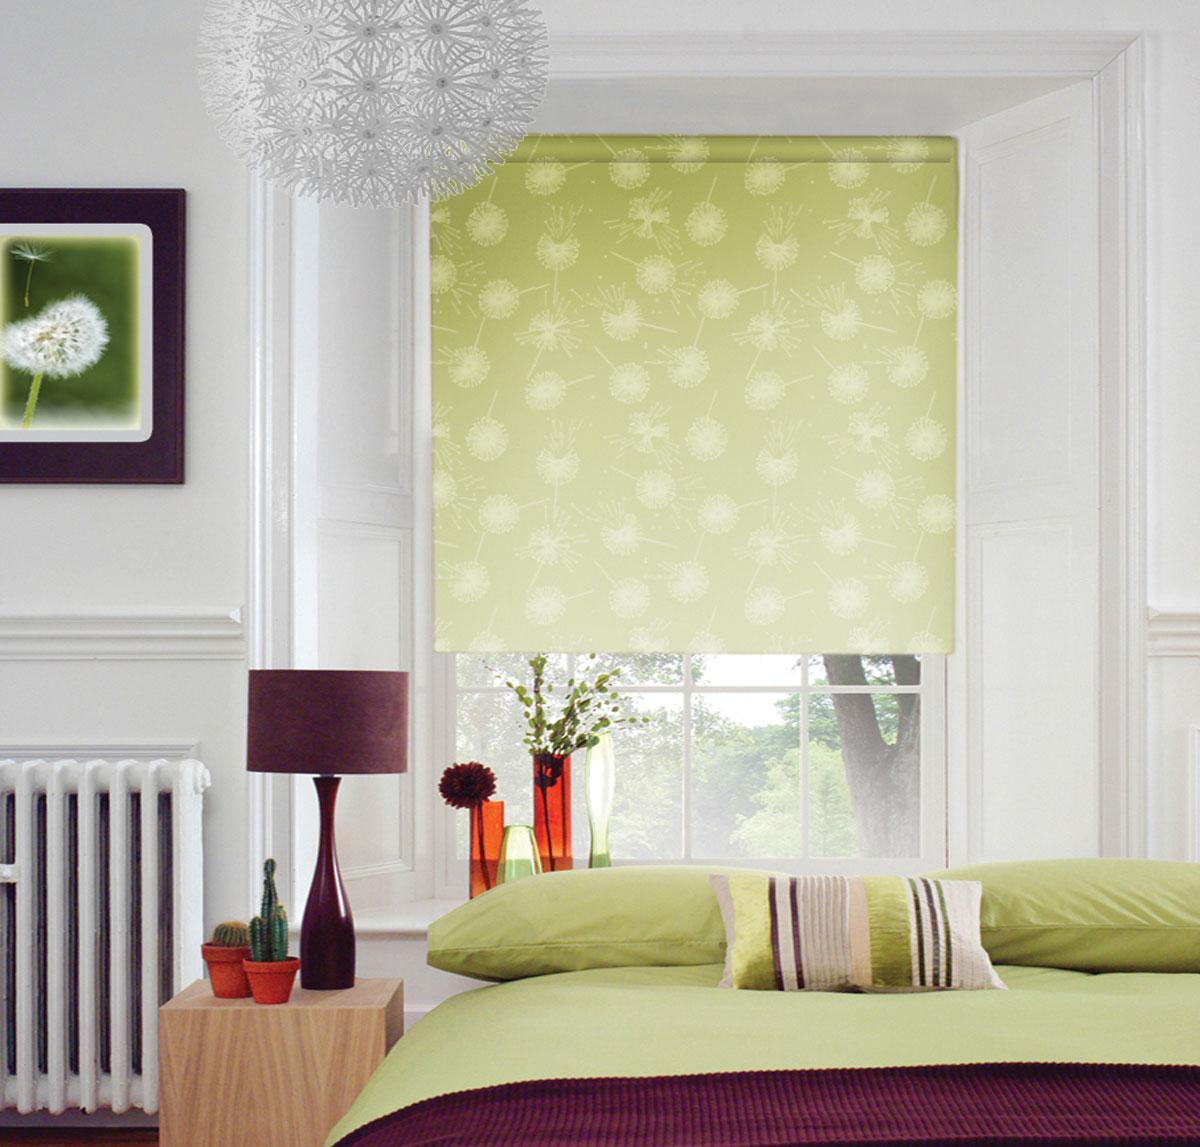 Штора рулонная KauffOrt Миниролло. Одуванчик, цвет: зеленый, ширина 90 см, высота 170 см